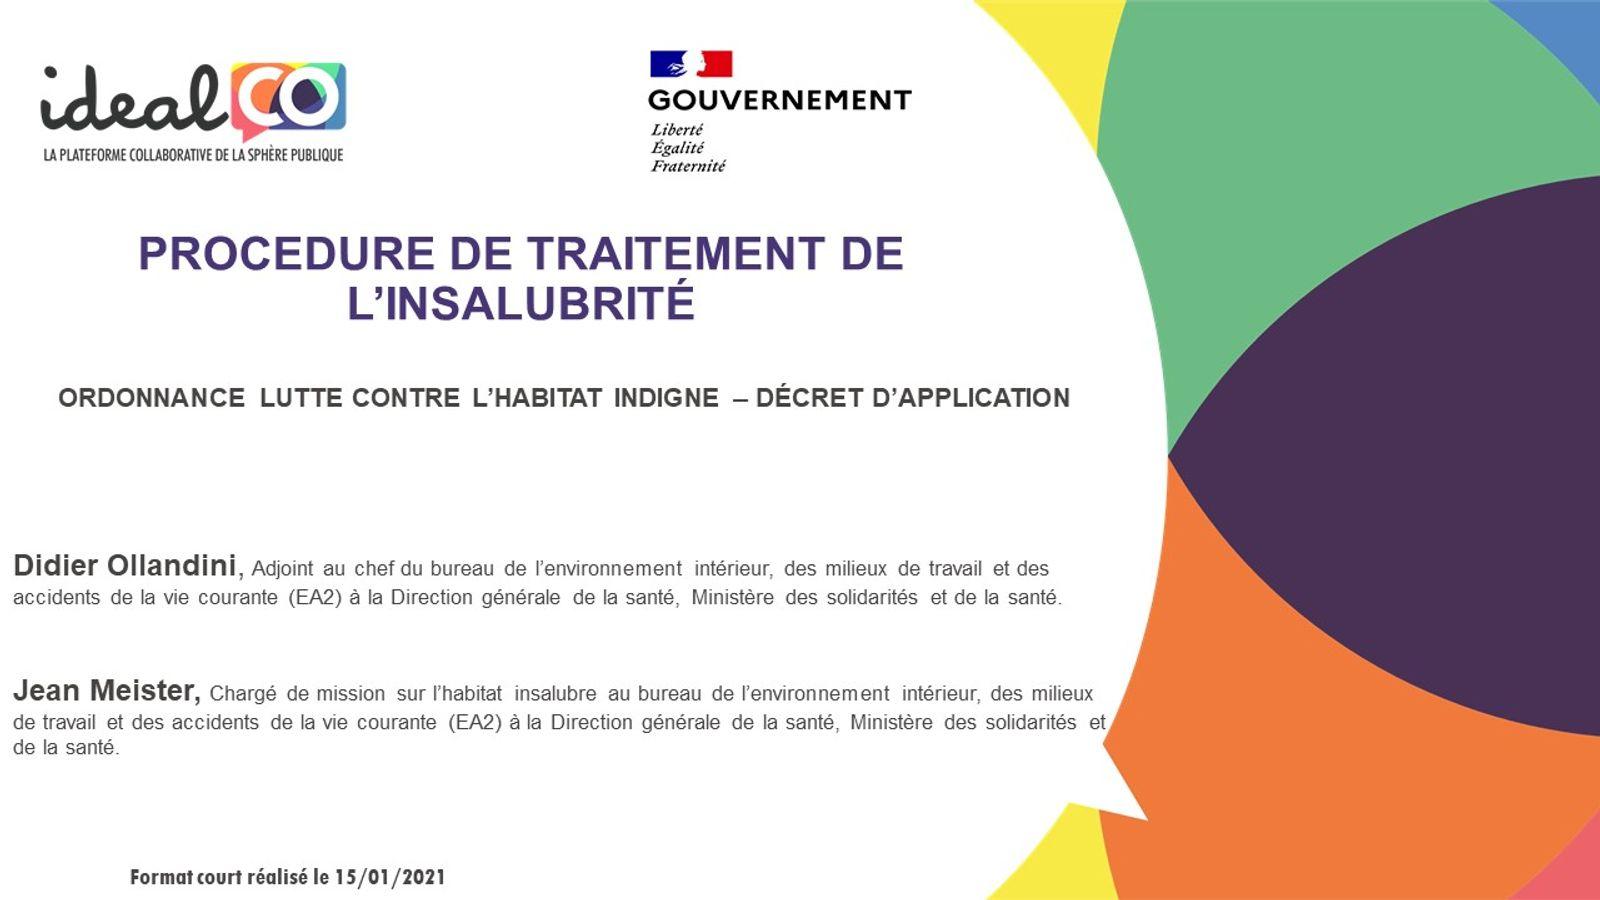 [FORMAT COURT] Les apports de l'ordonnance LHI du 16/09/2020 : la procédure de traitement de l'insalubrité